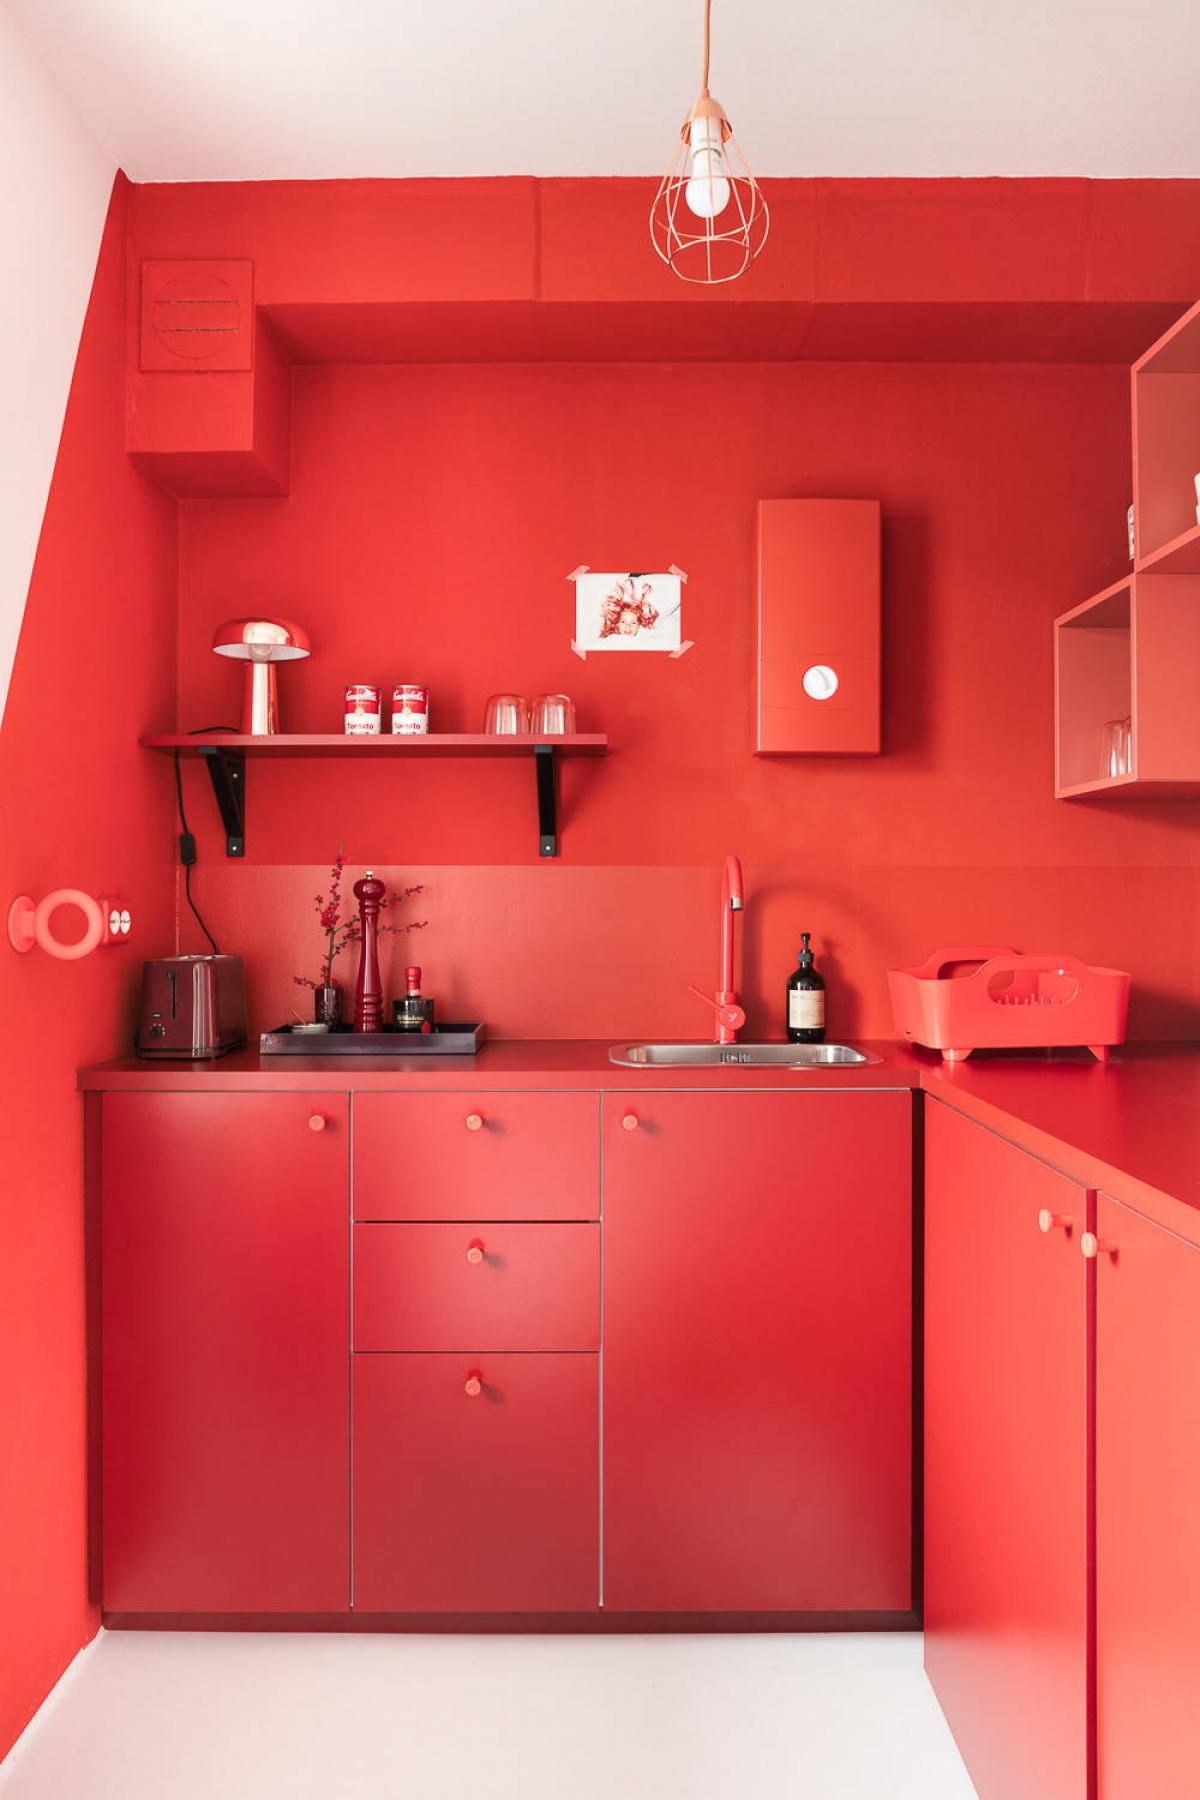 Tham khảo các thiết kế nhà bếp 'chơi trội' với màu 'nóng' - Ảnh 7